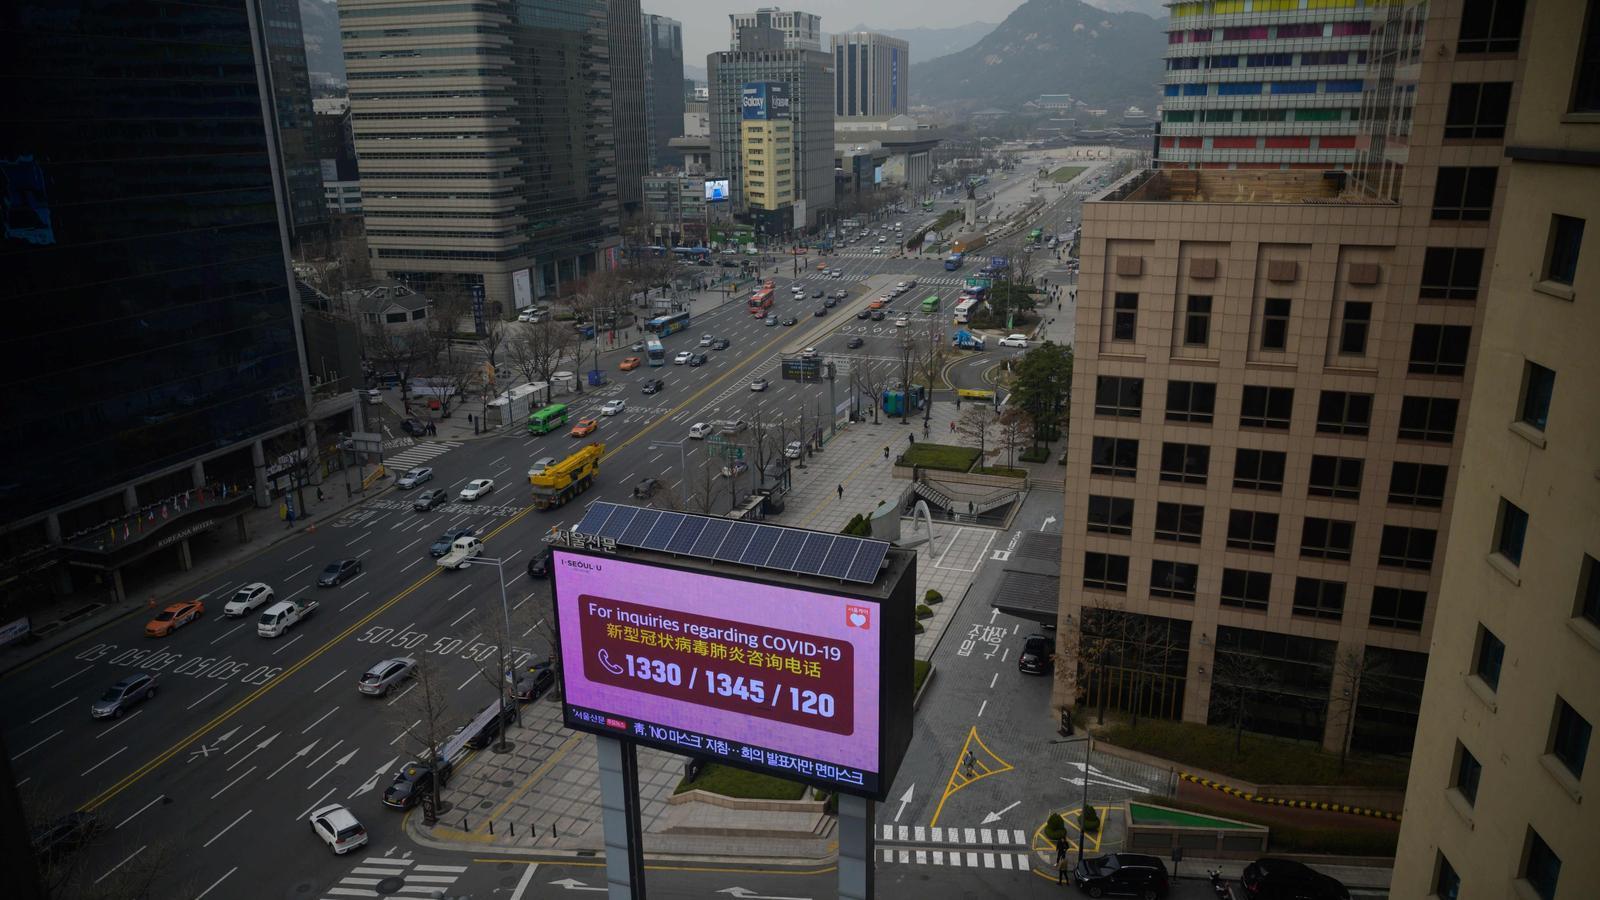 Informació sobre el coronavirus a Seül, Corea del Sud